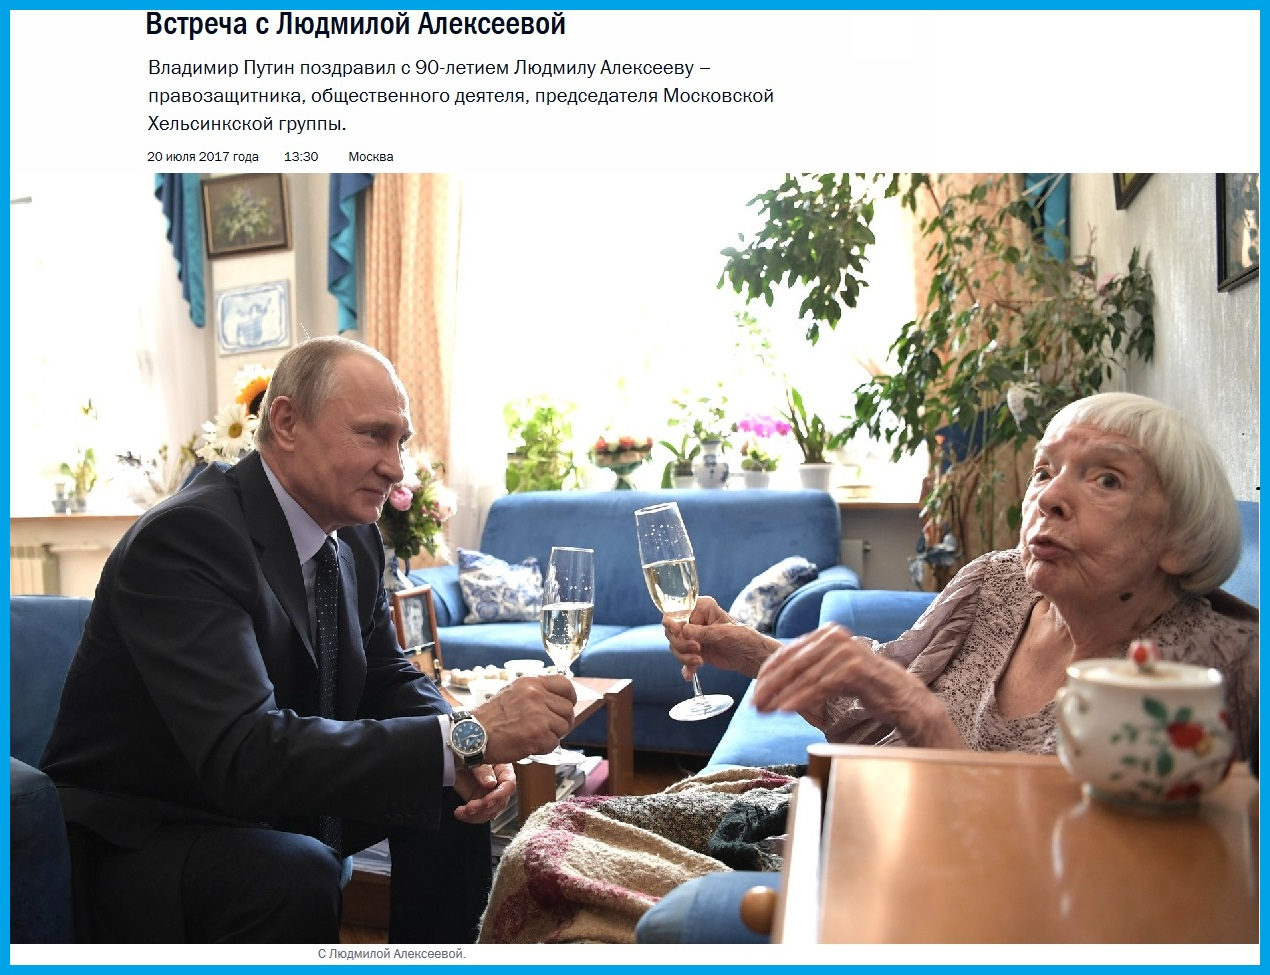 Президент В. Путин поздравляет Л. Алексееву с 90-летием. 20 июля 2017(1)